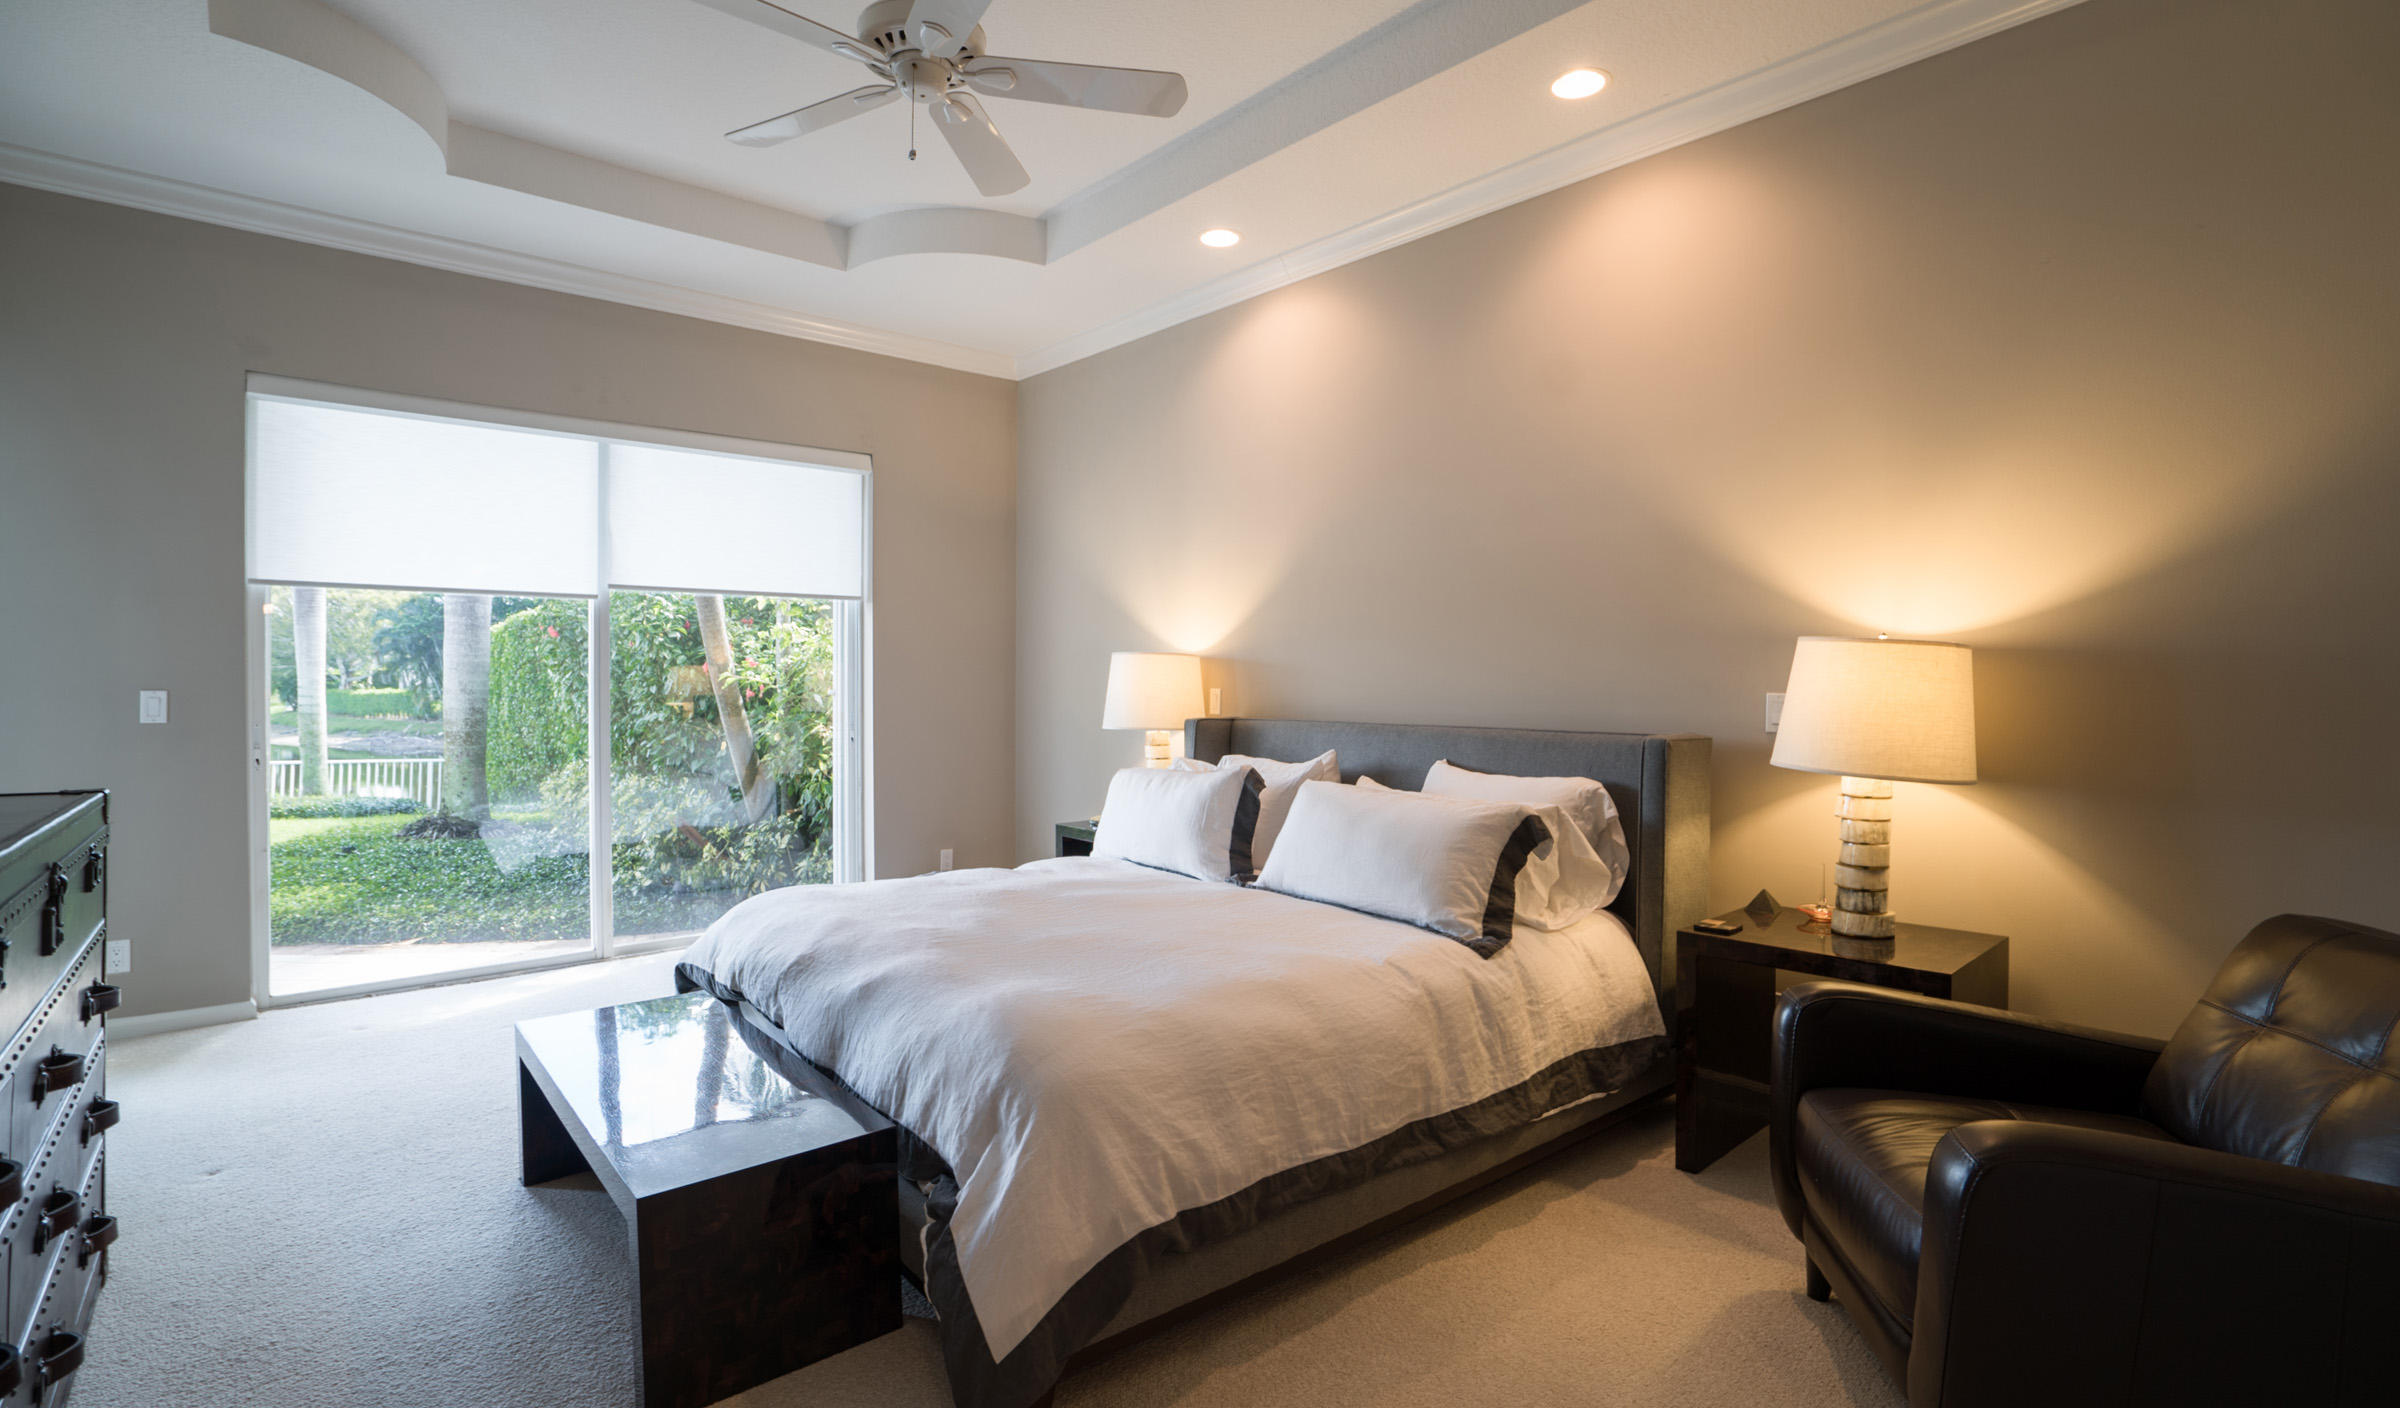 Wellington, Florida 33414, 3 Bedrooms Bedrooms, ,3 BathroomsBathrooms,Rental,For Rent,Stroller,RX-10650926